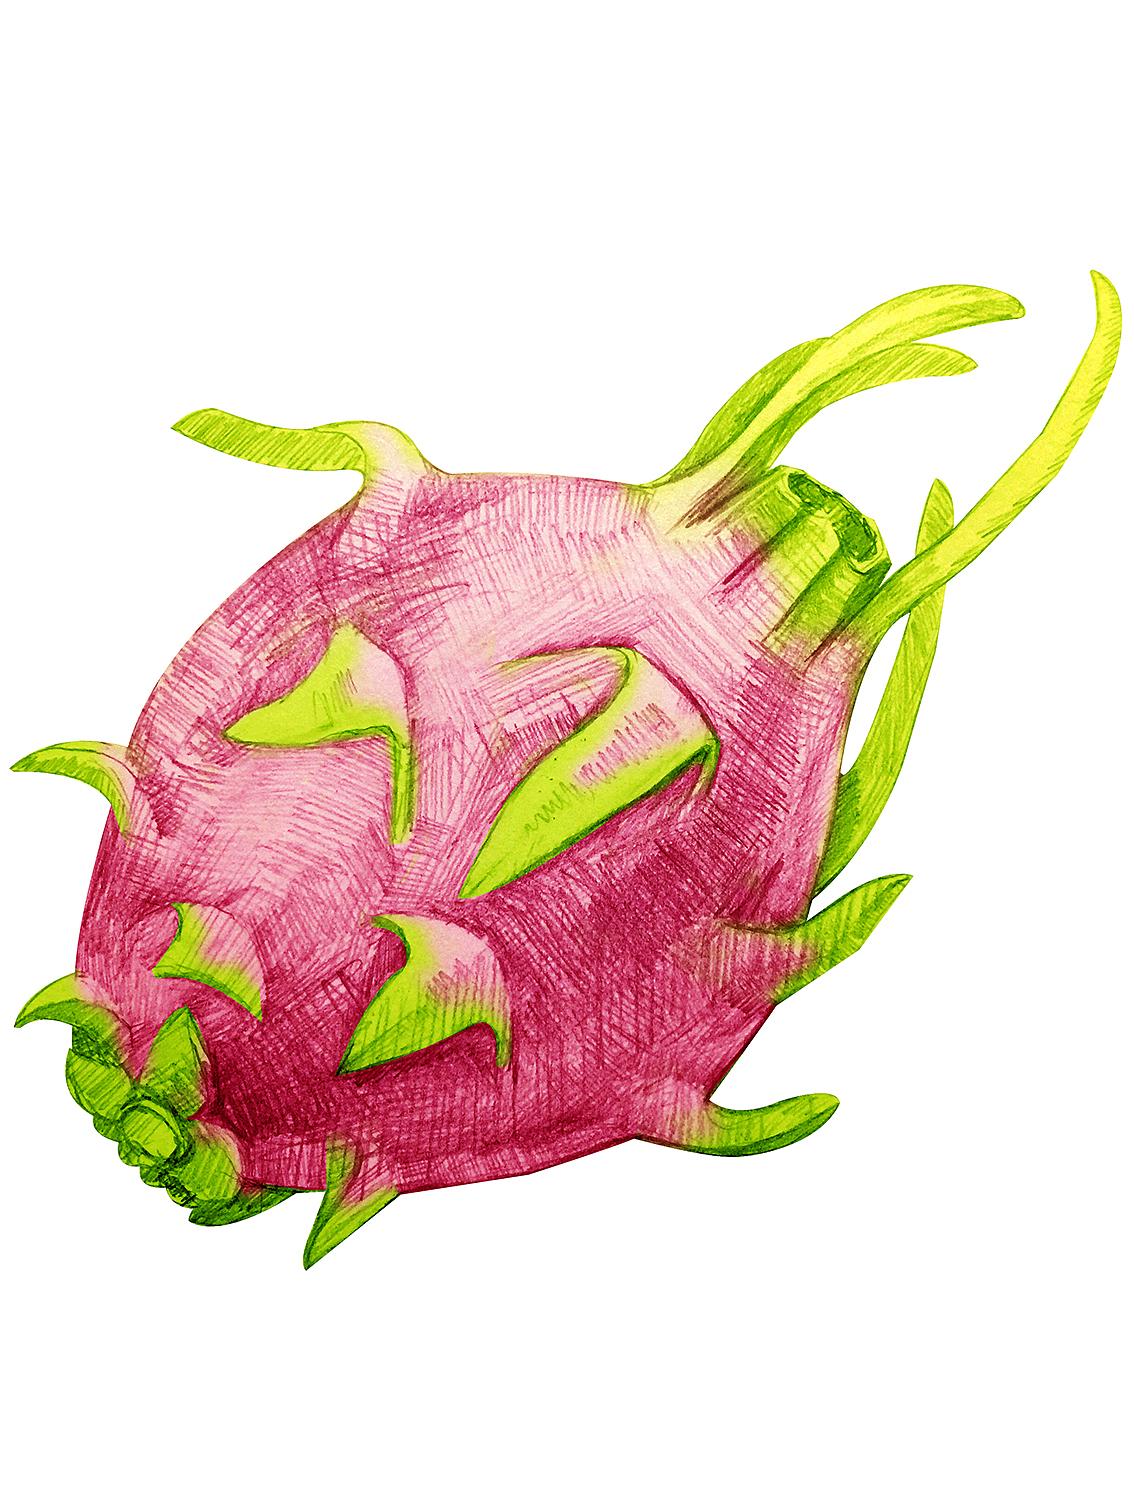 手绘  插画  素描   水果  火龙果